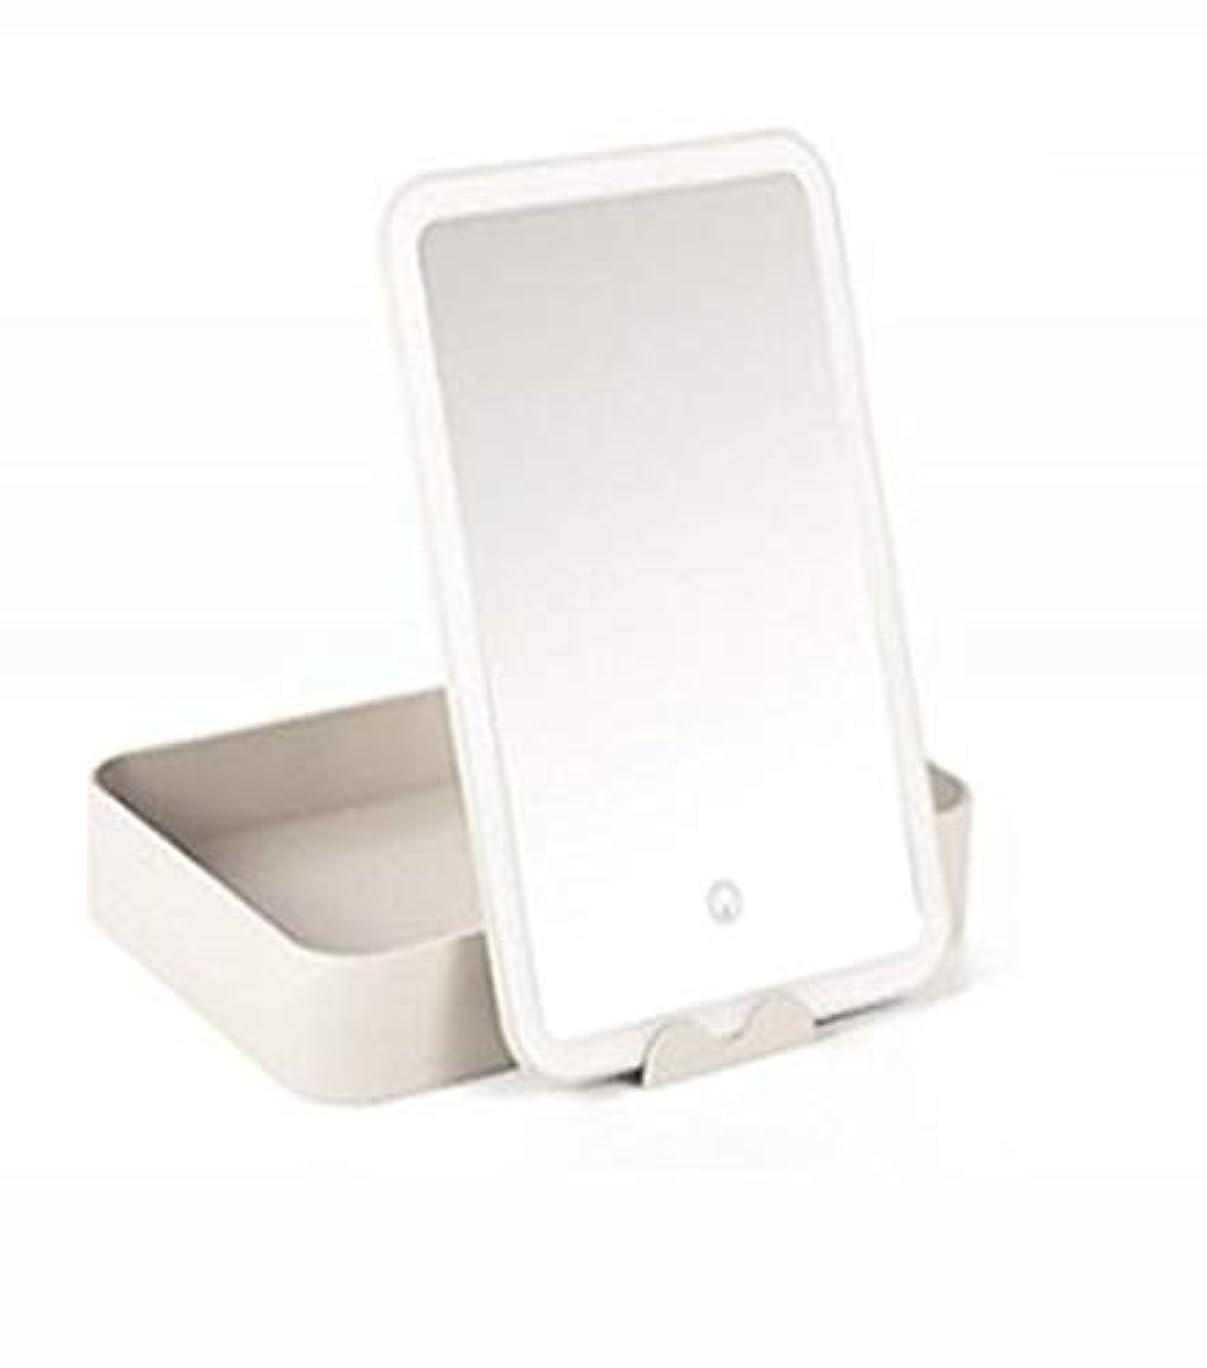 起業家顕微鏡フォーマル化粧鏡、大容量収納ボックス化粧ギフト付き白色LEDライト化粧鏡